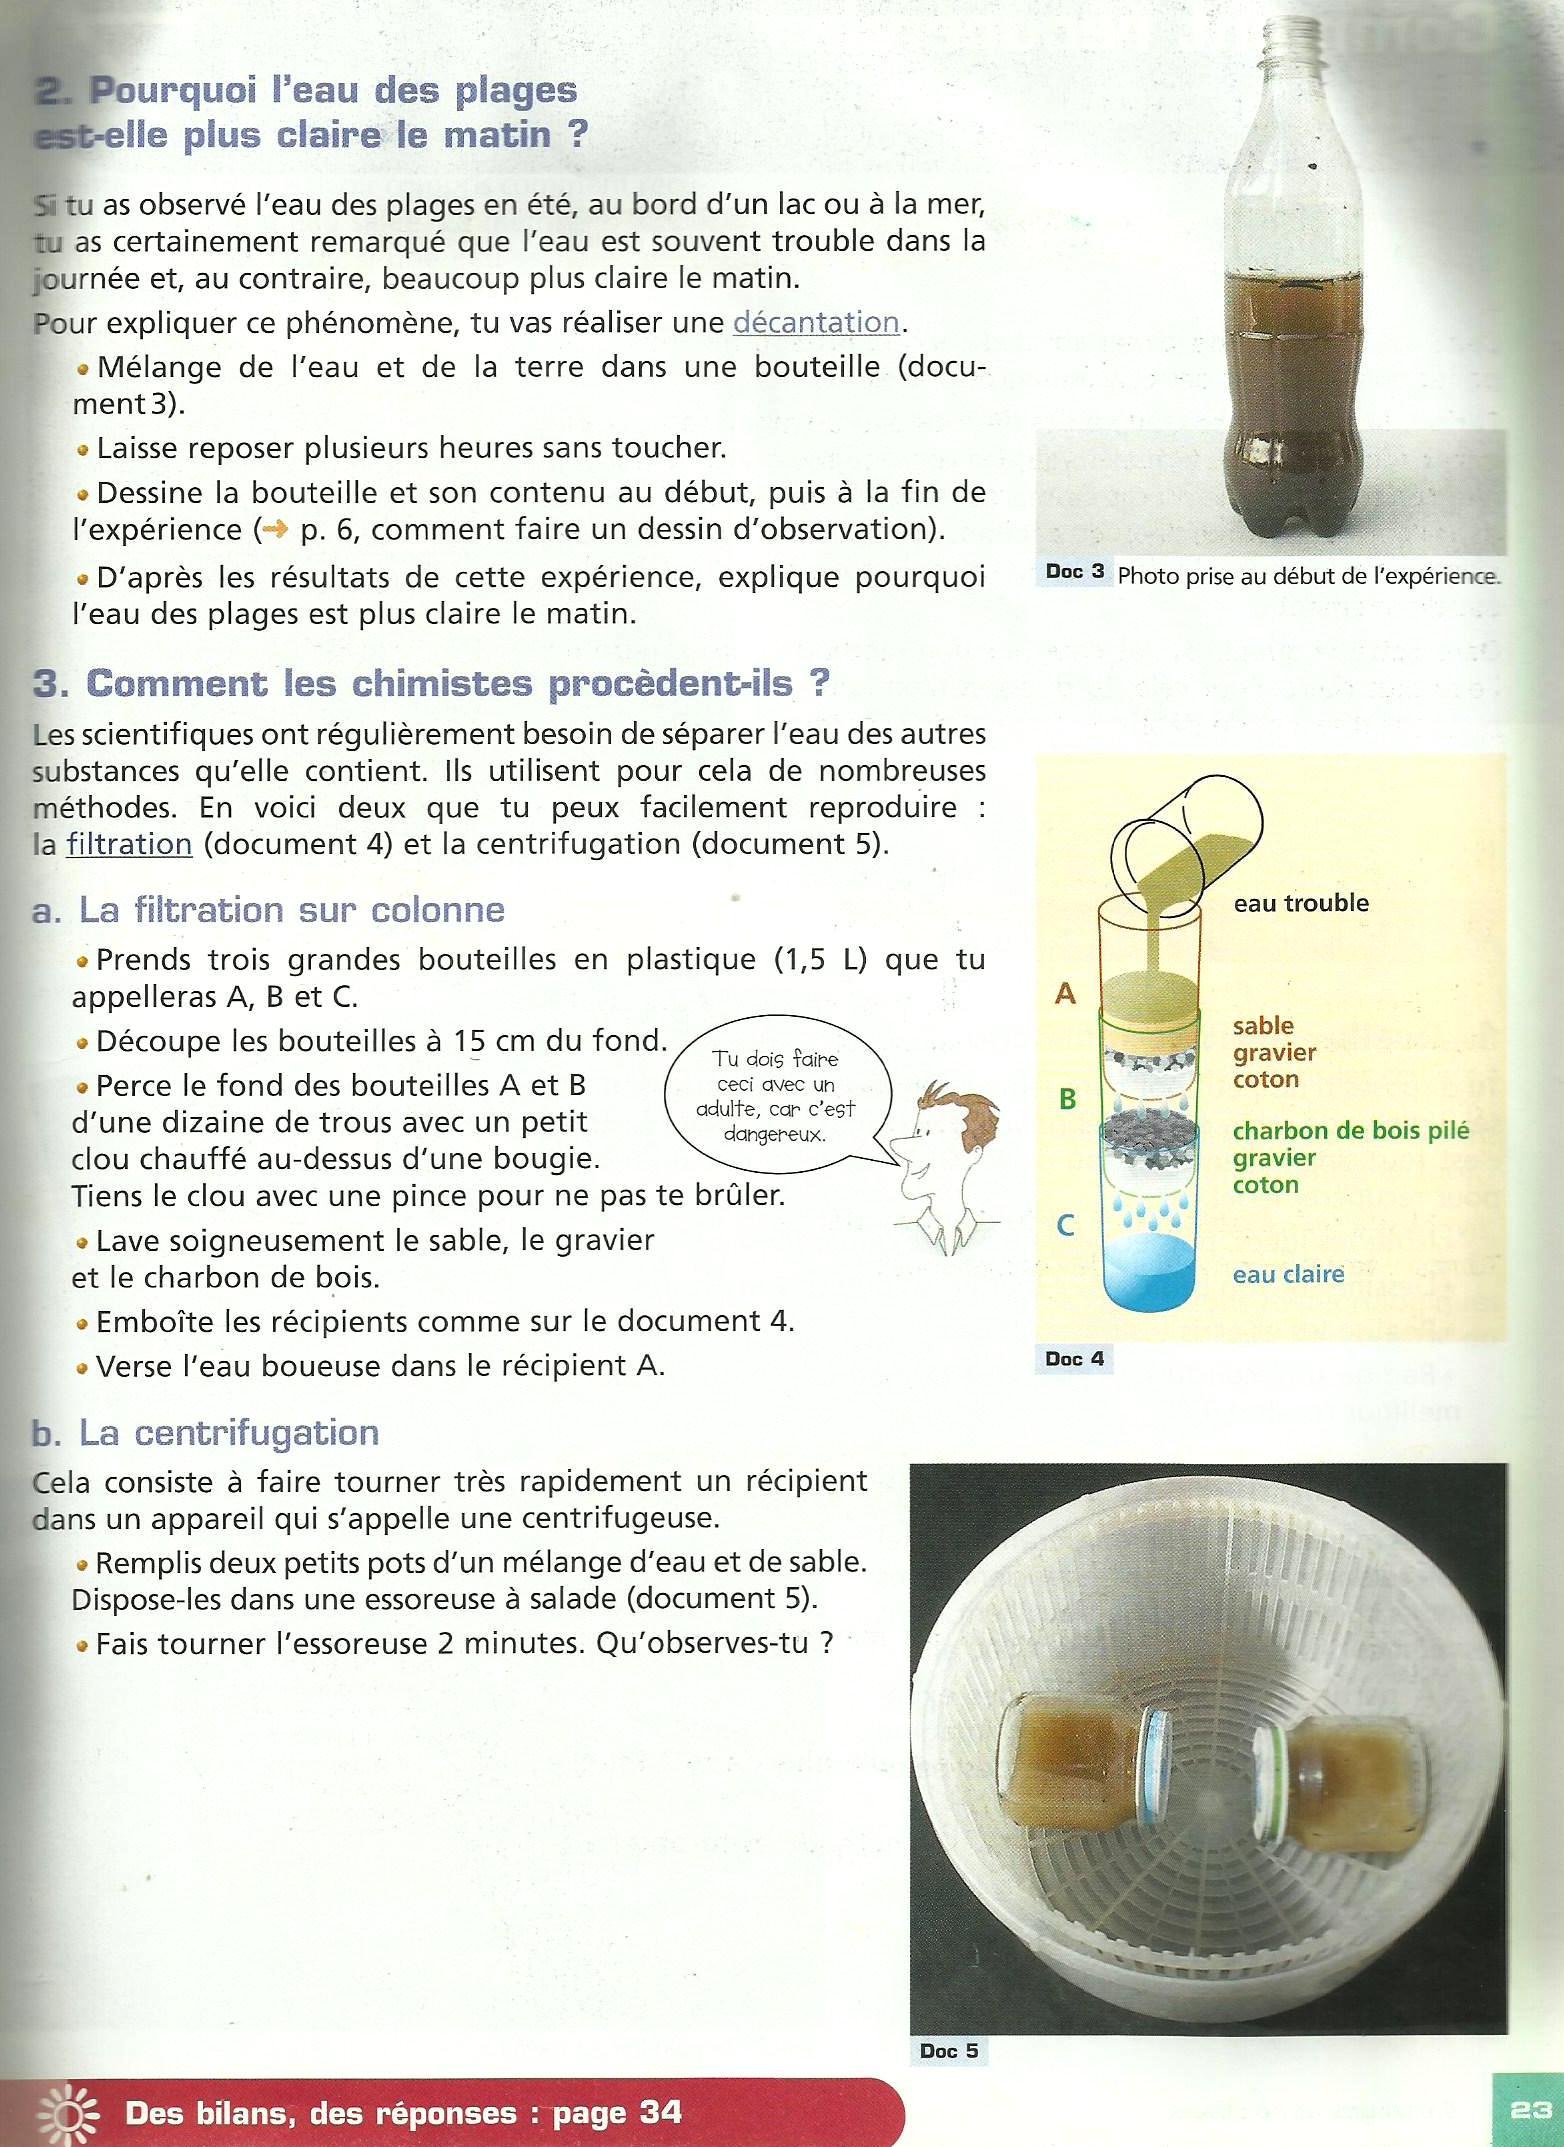 comment rendre claire de l'eau trouble 2